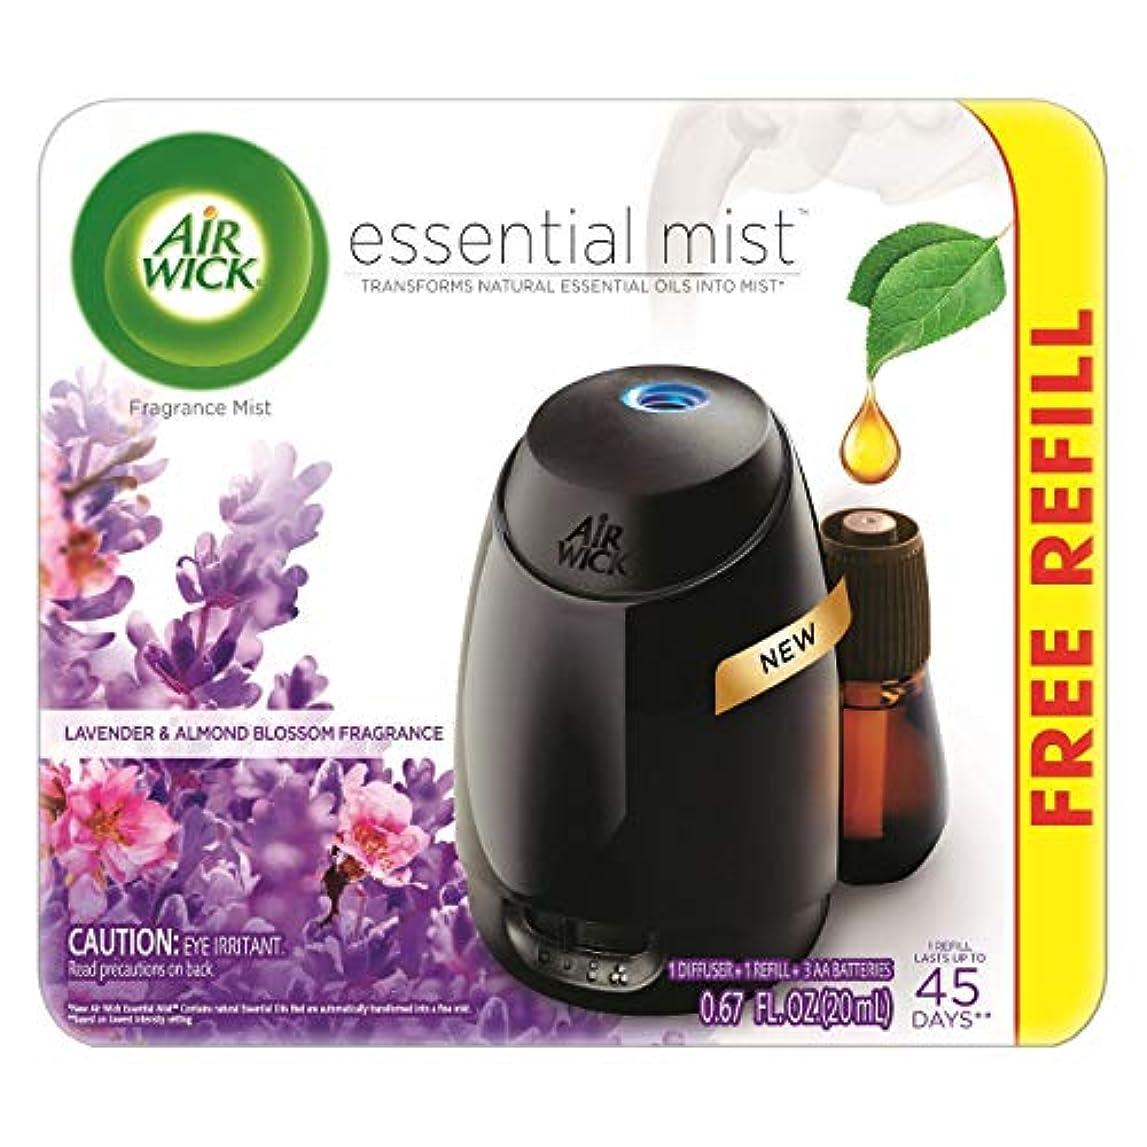 松明消費するグローブAir Wick Fresh Lavender & Almond Blossom Fragrance Essential エアーウィックフレッシュフレグランスエッセンシャルミスト本体+ ラベンダー&アーモンドブロッサム...